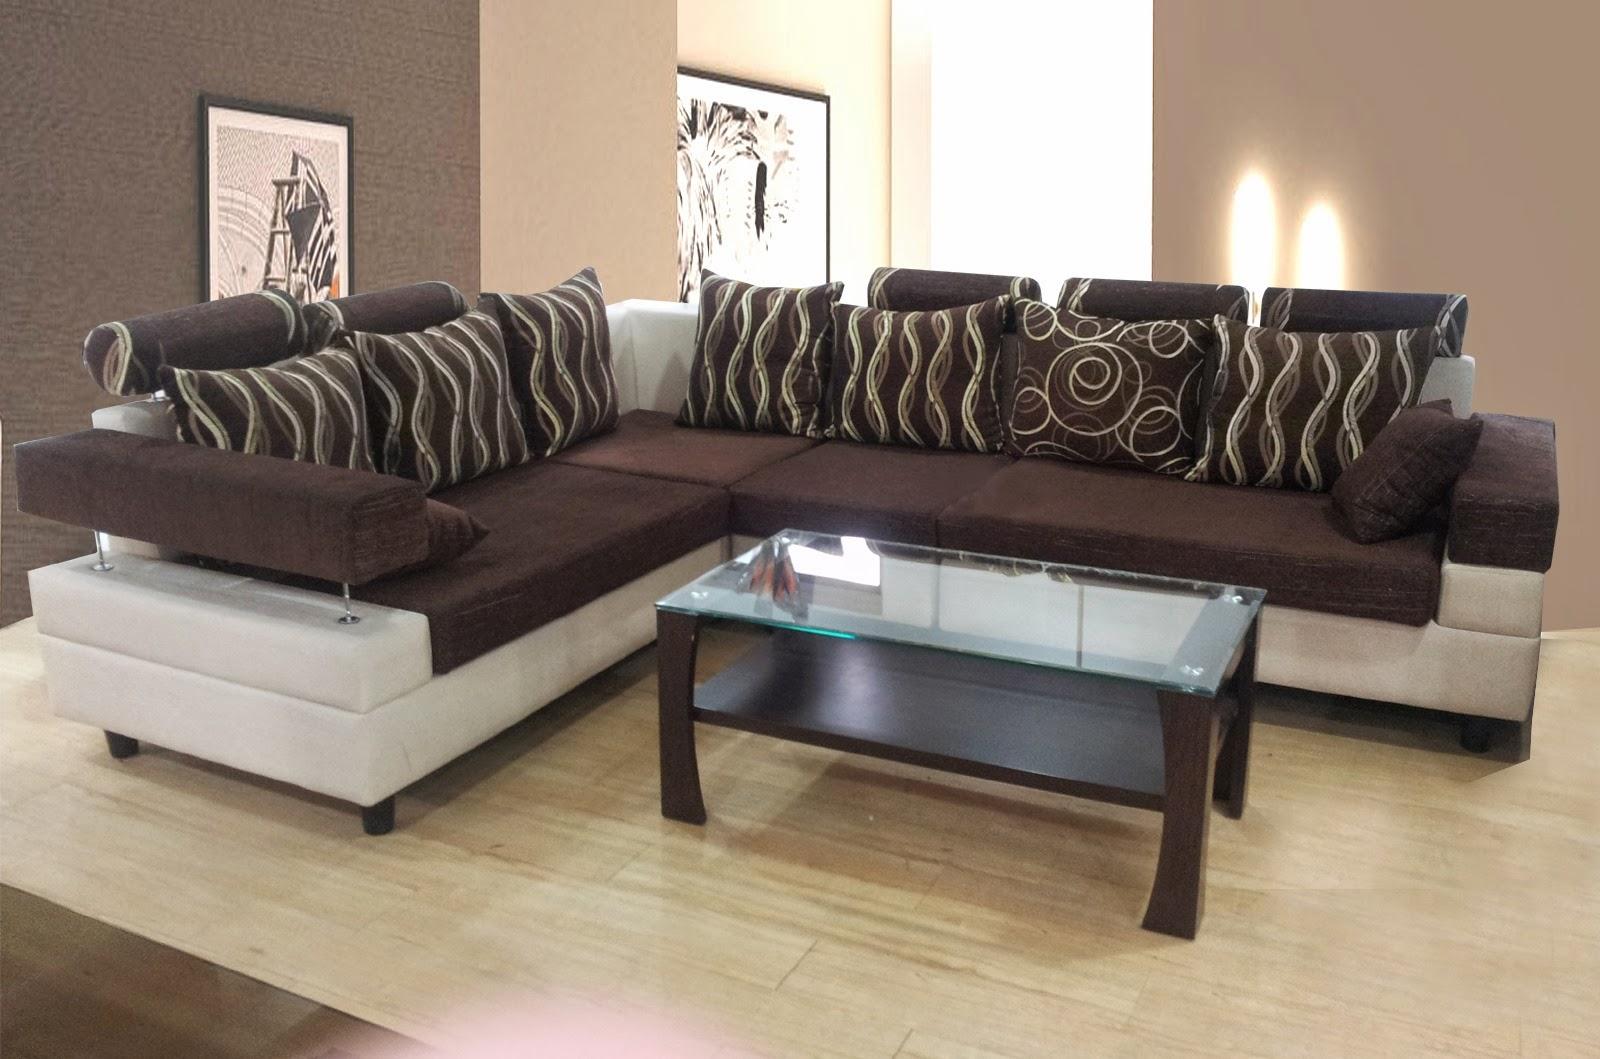 Latest Sofa Designs In Kenya - Sofa Design